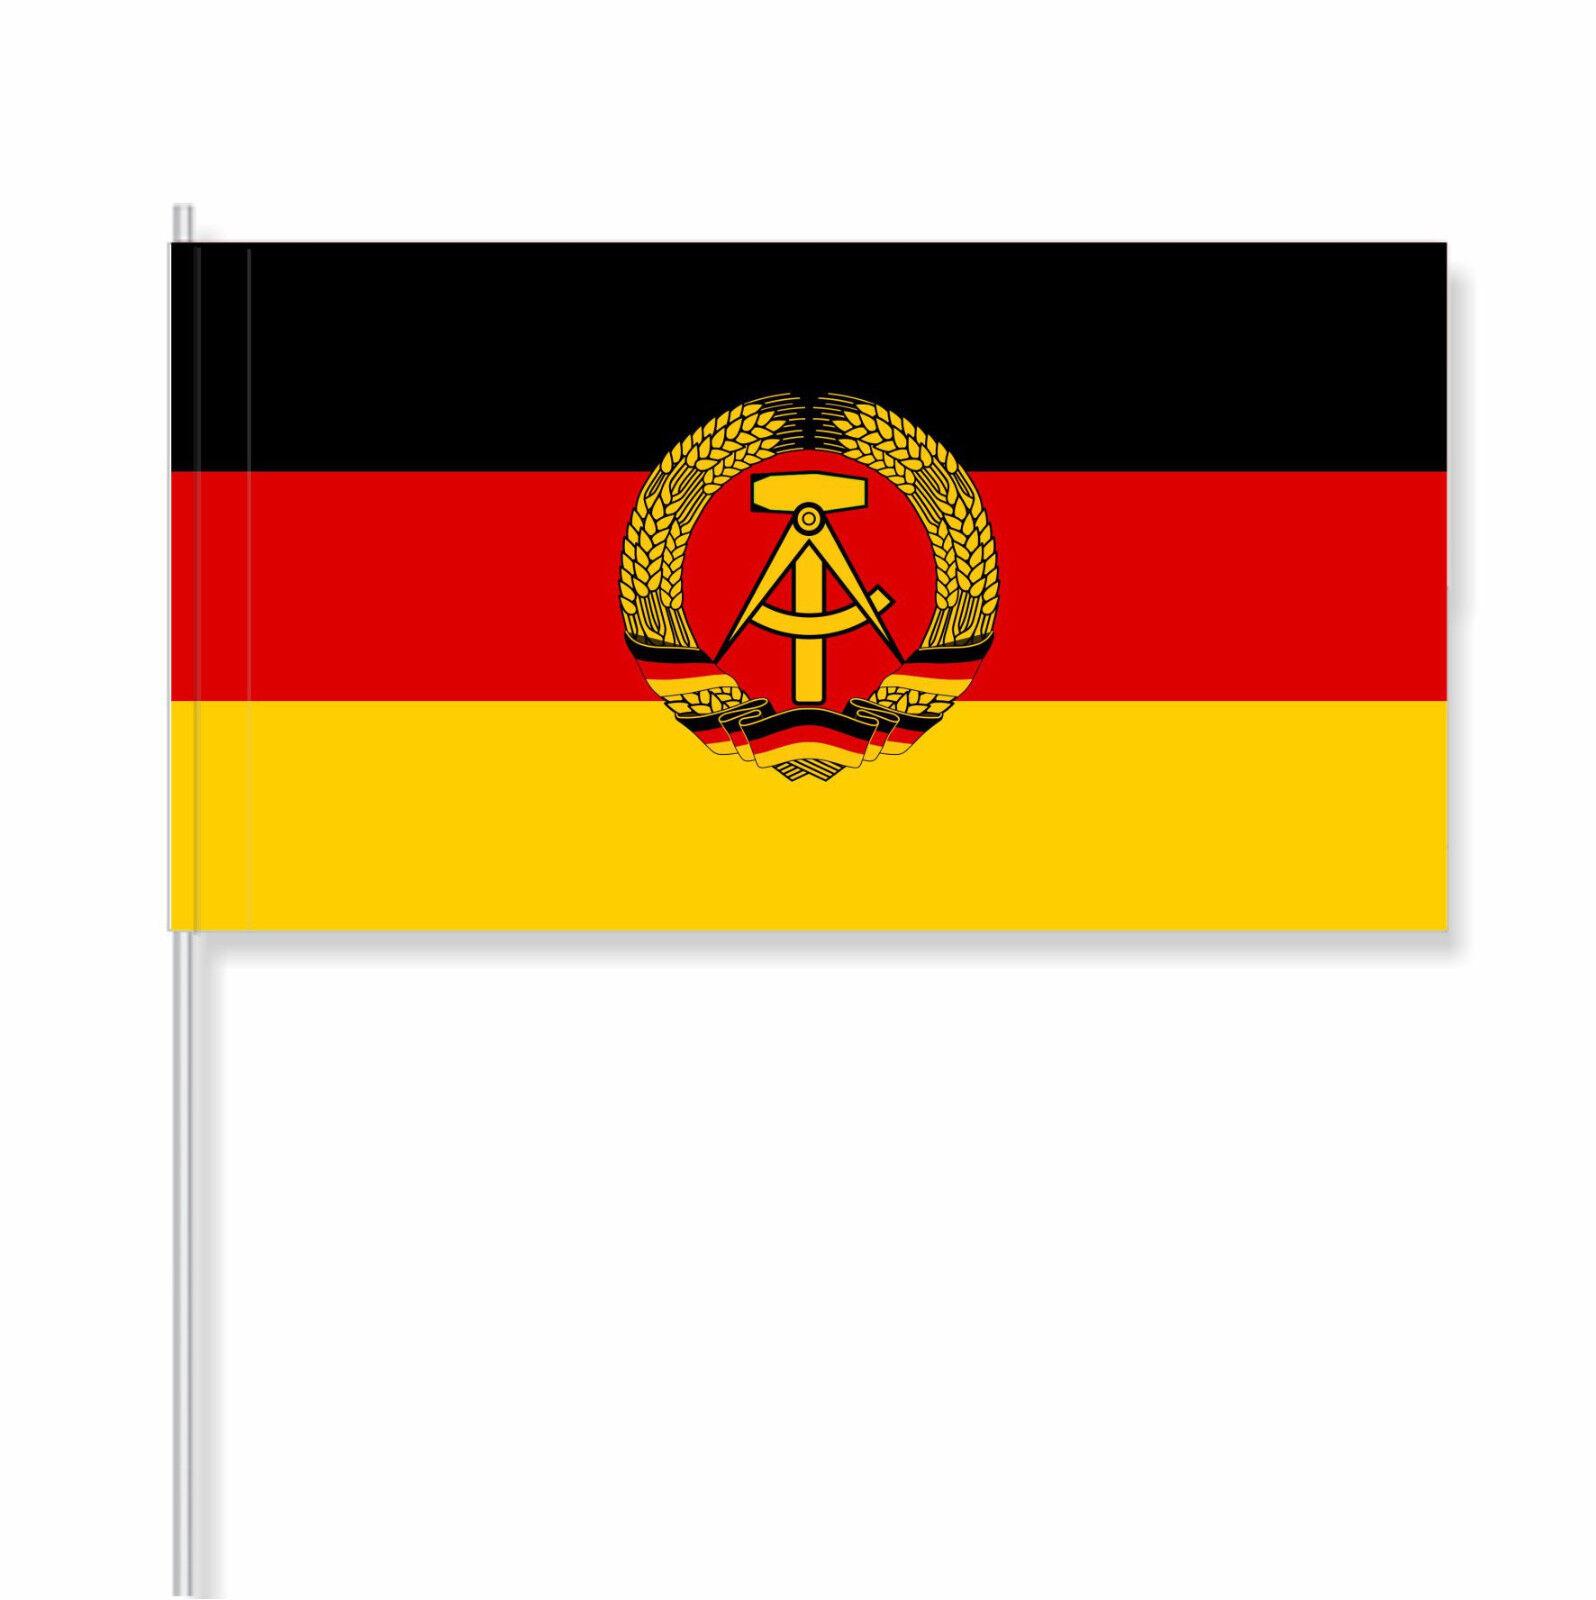 Papierfähnchen/Papierfahnen Deutsche Demokratische Republik (DDR) - FH